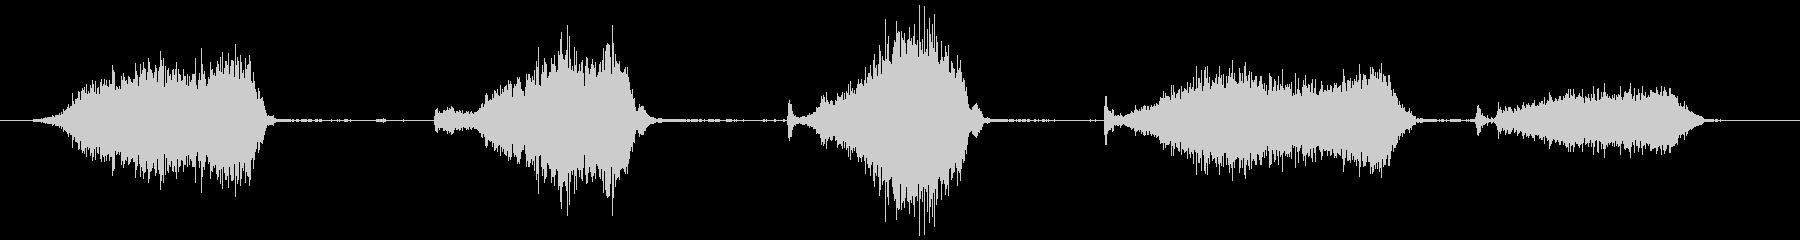 自動ウィンドウスクレーパー:ほうき...の未再生の波形